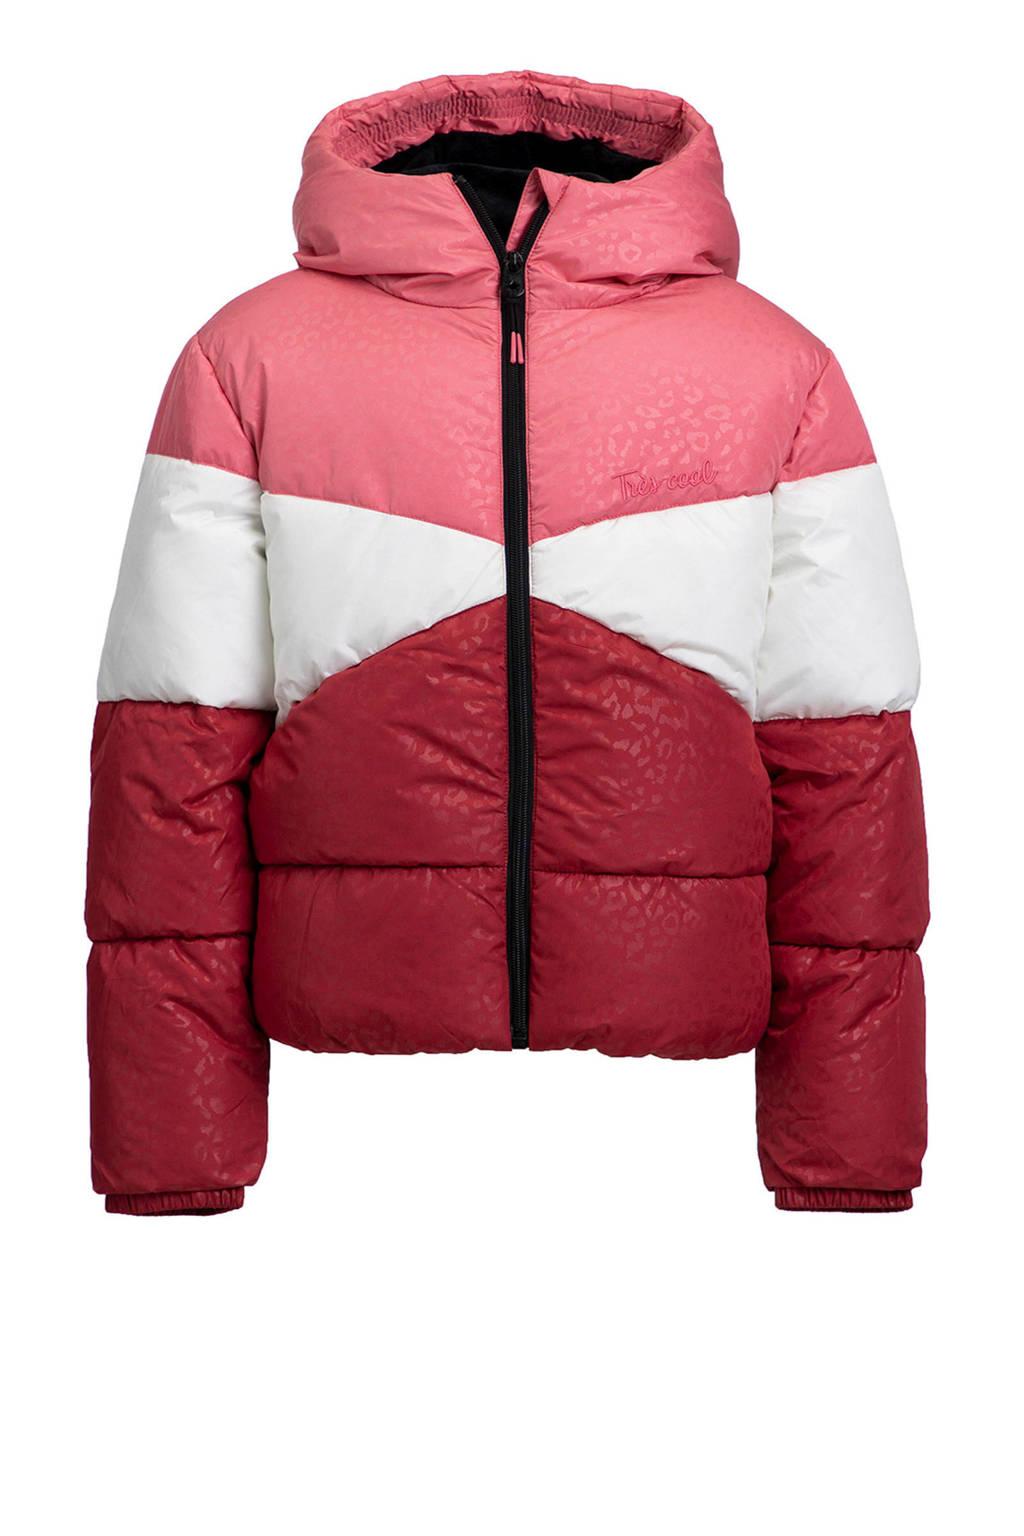 WE Fashion gewatteerde winterjas rood/roze/wit, Rood/roze/wit